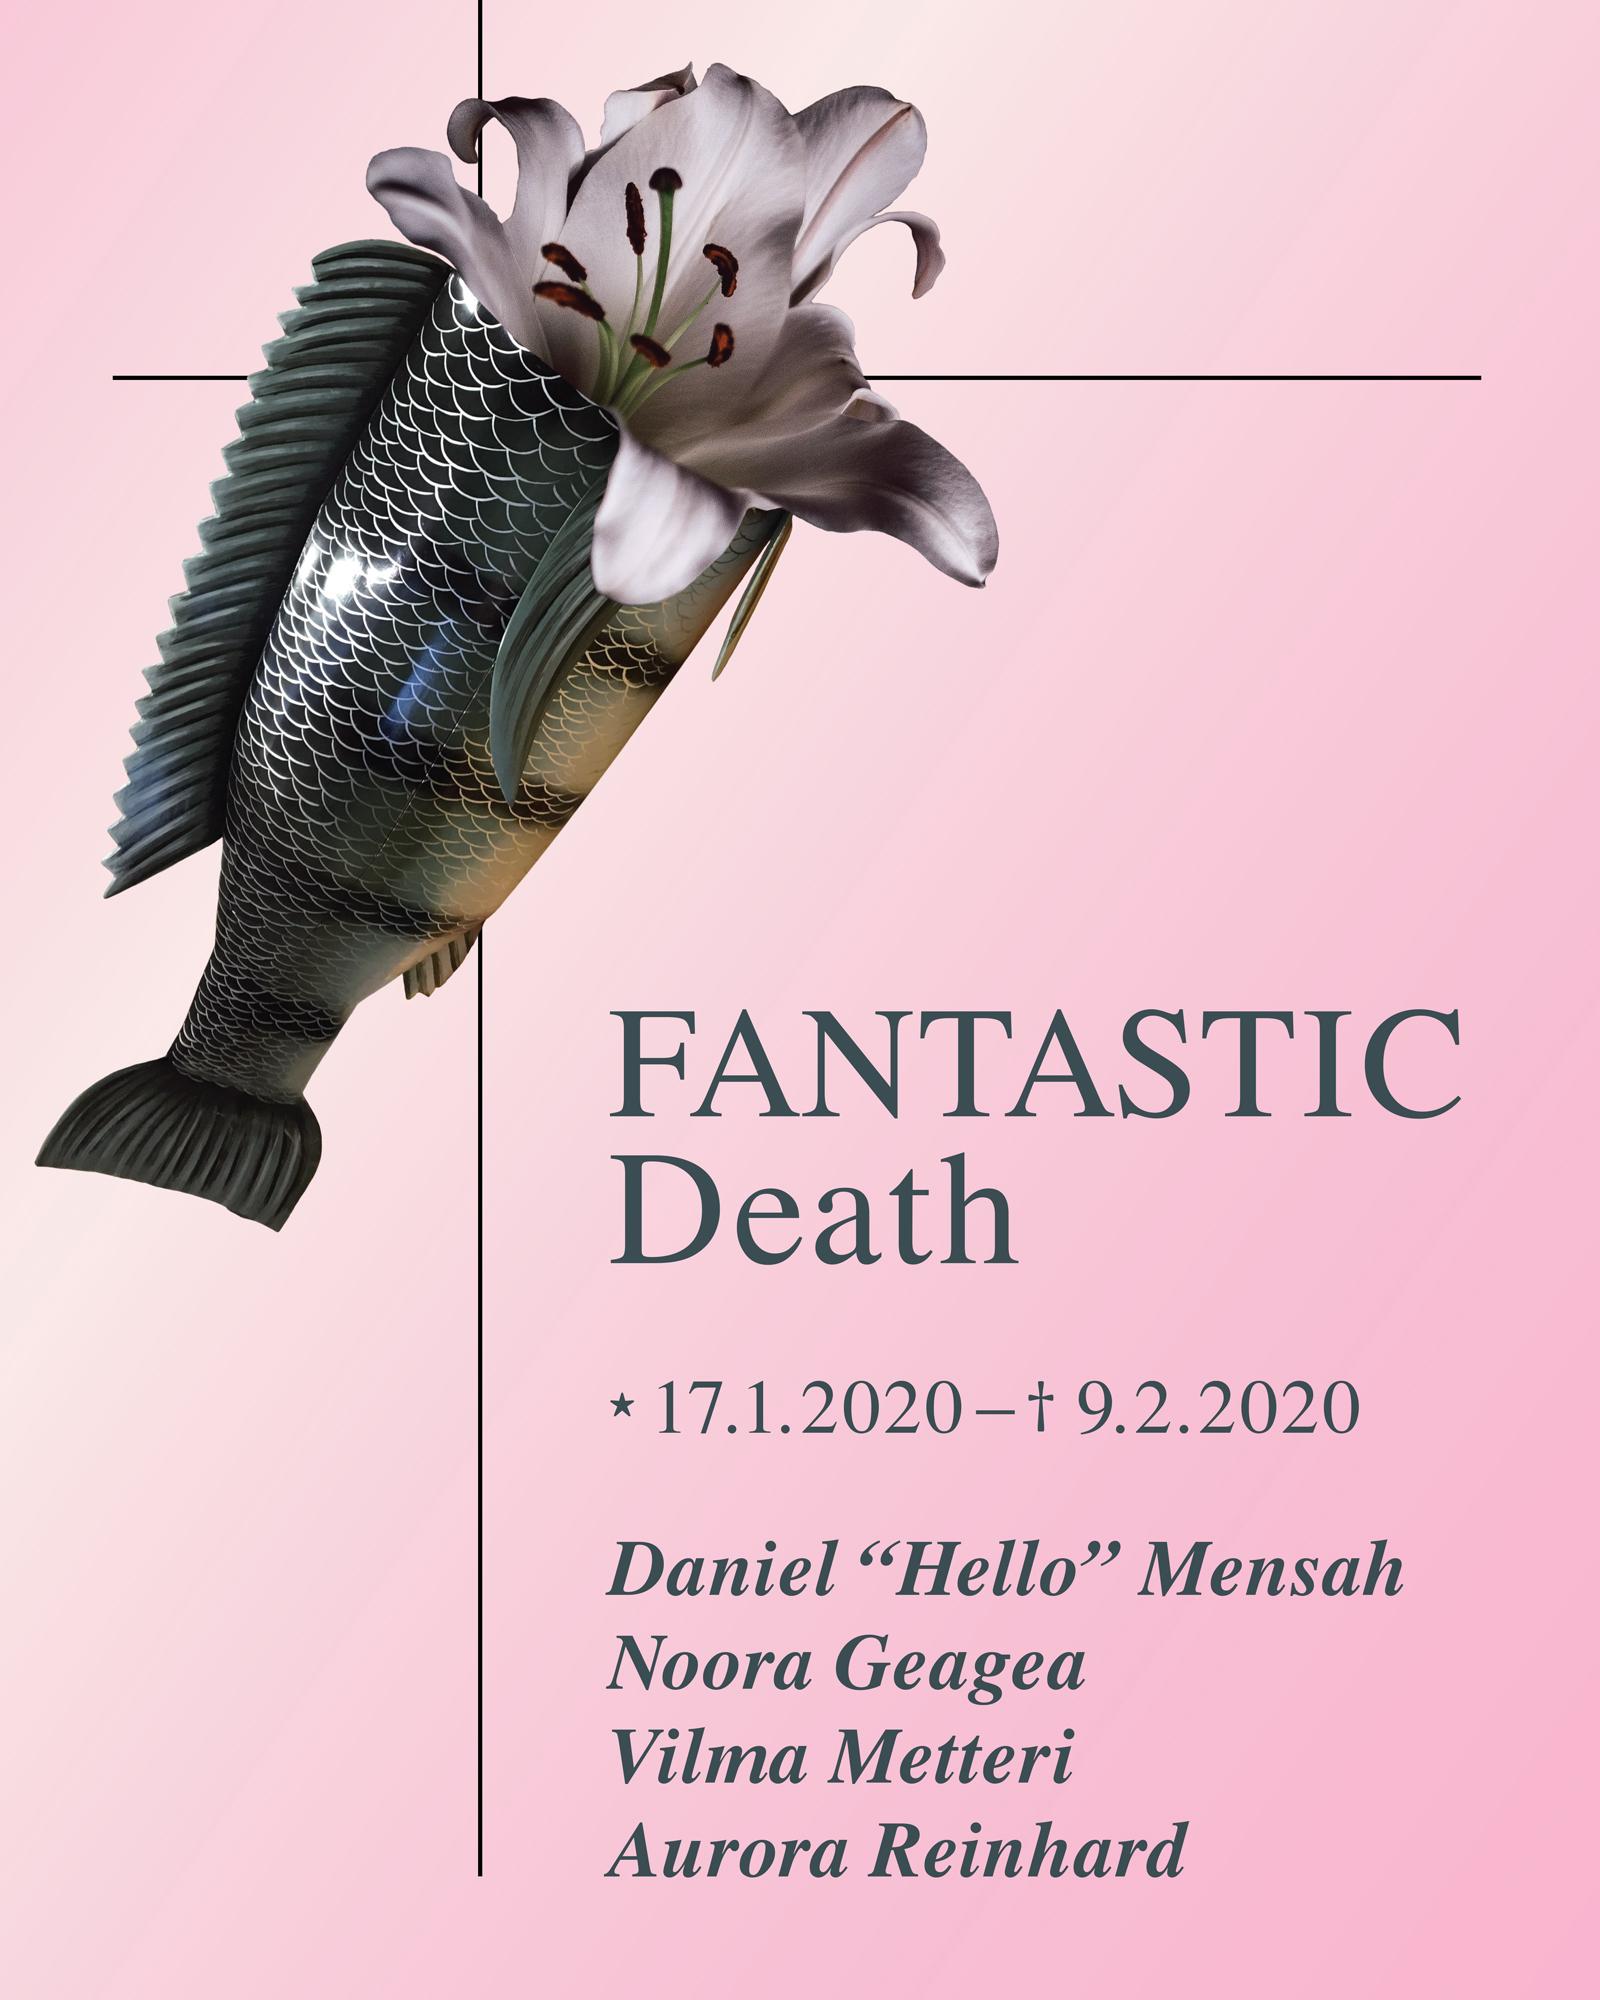 Fantastic Death